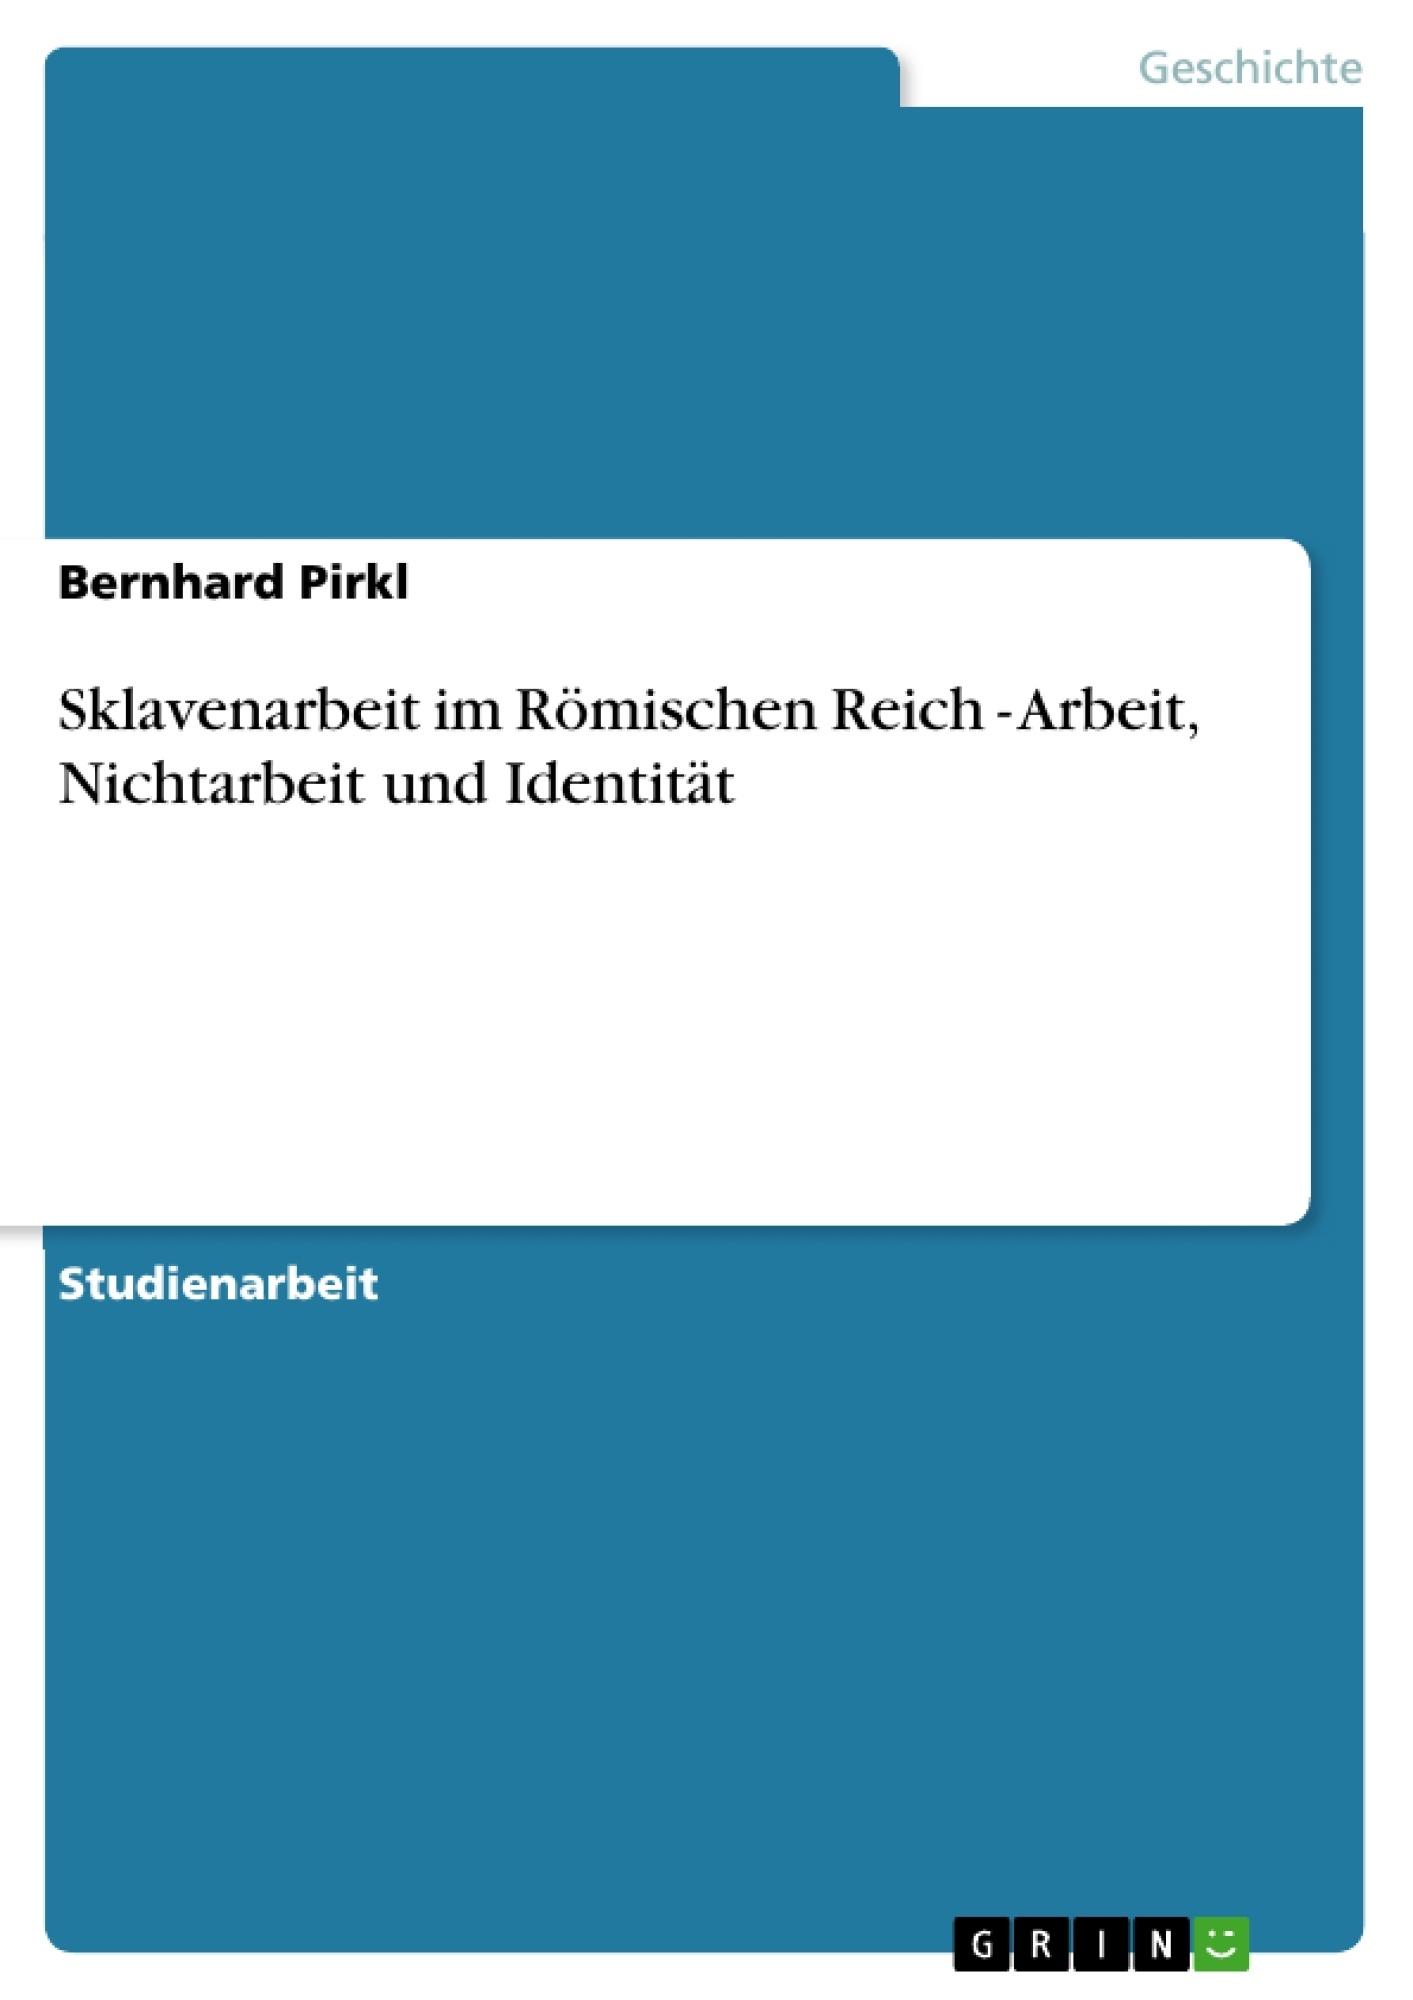 Titel: Sklavenarbeit im Römischen Reich - Arbeit, Nichtarbeit und Identität